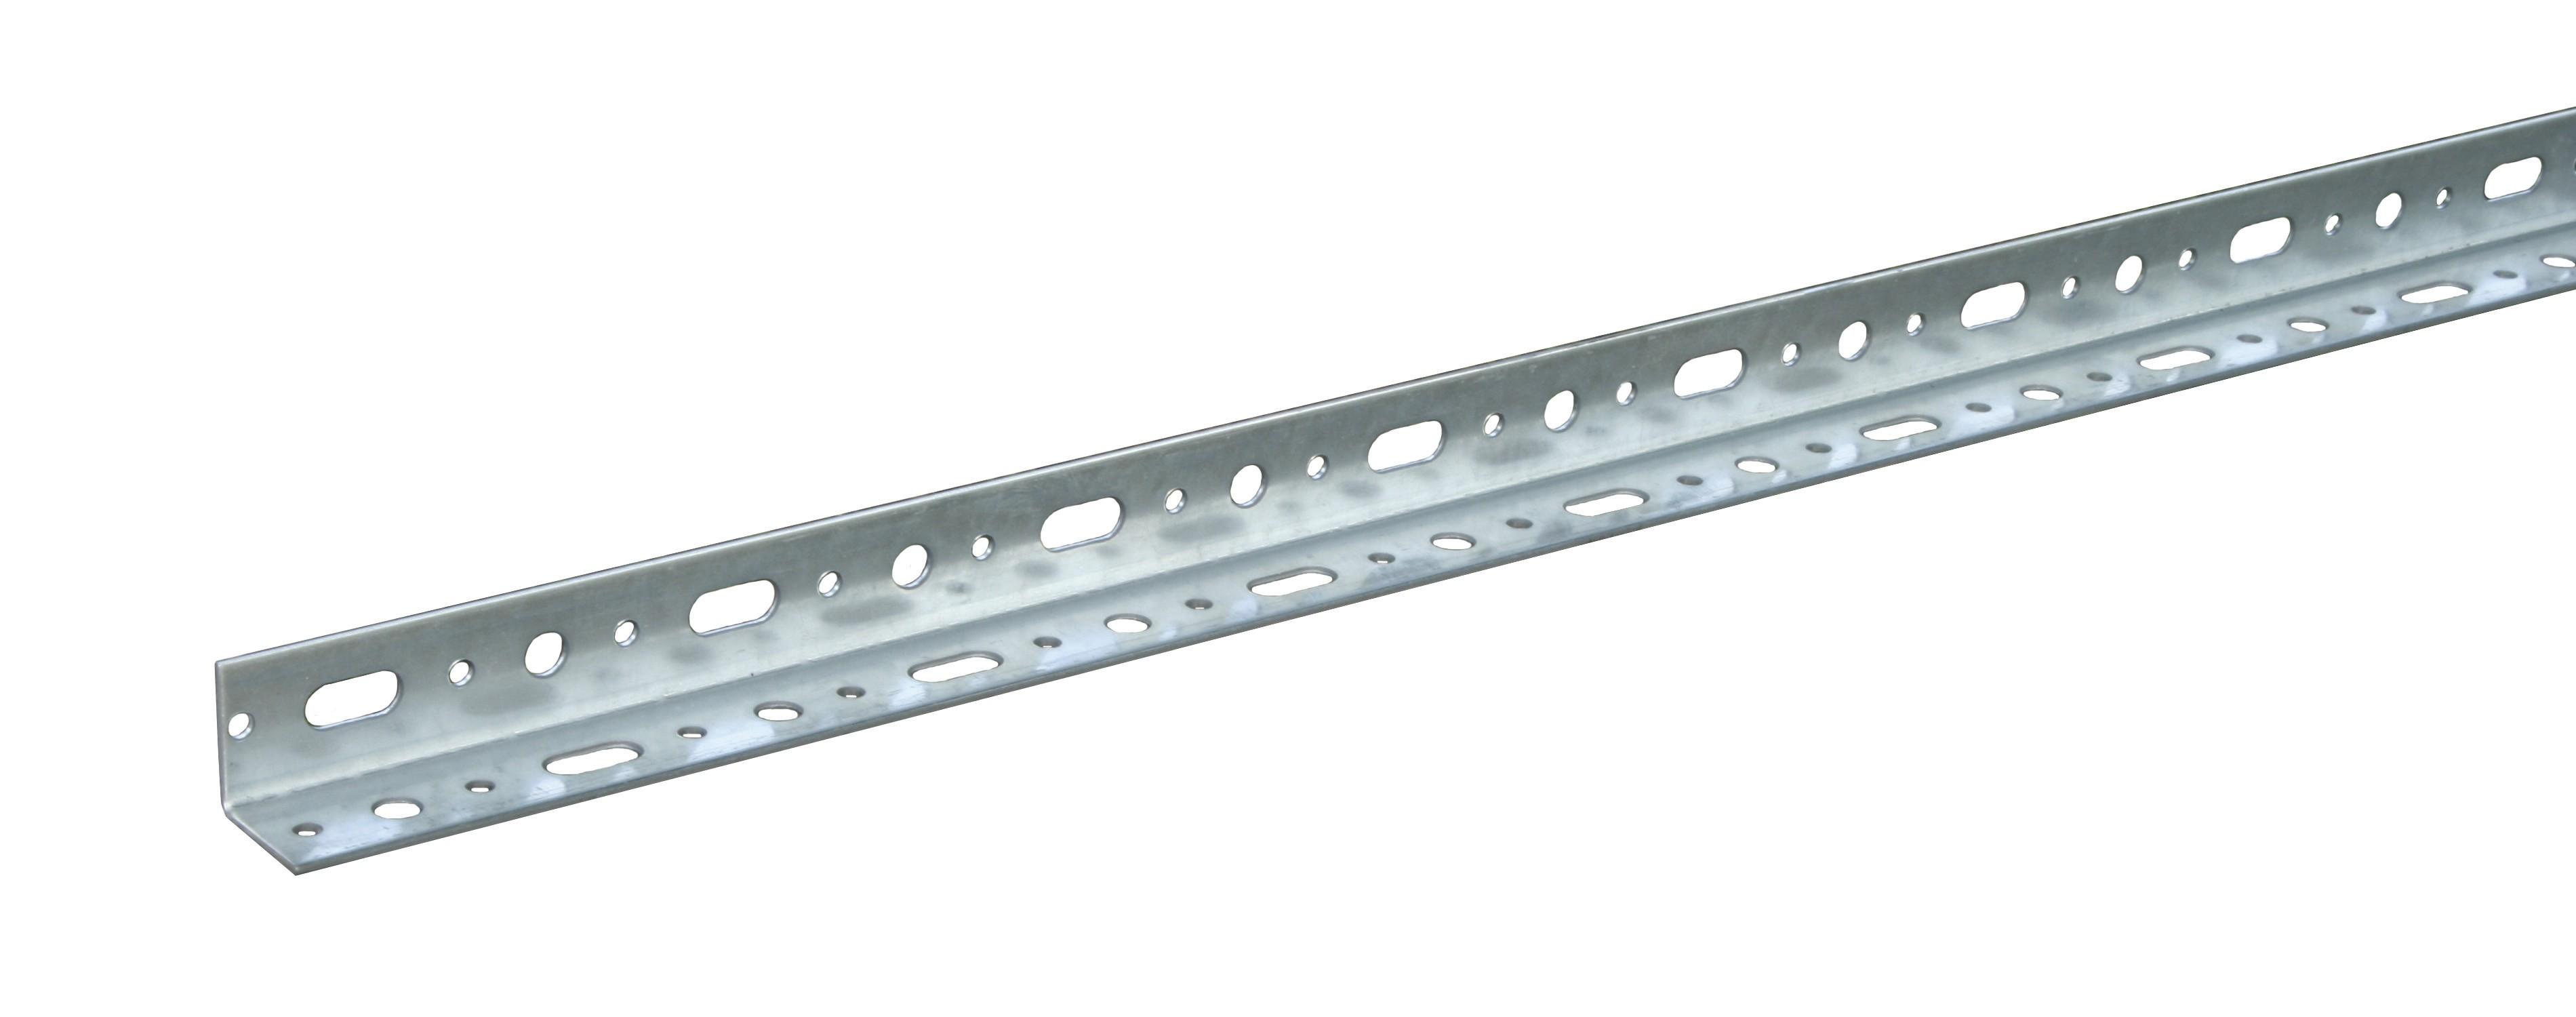 Montage metal angle 2000 30x30x2 SV